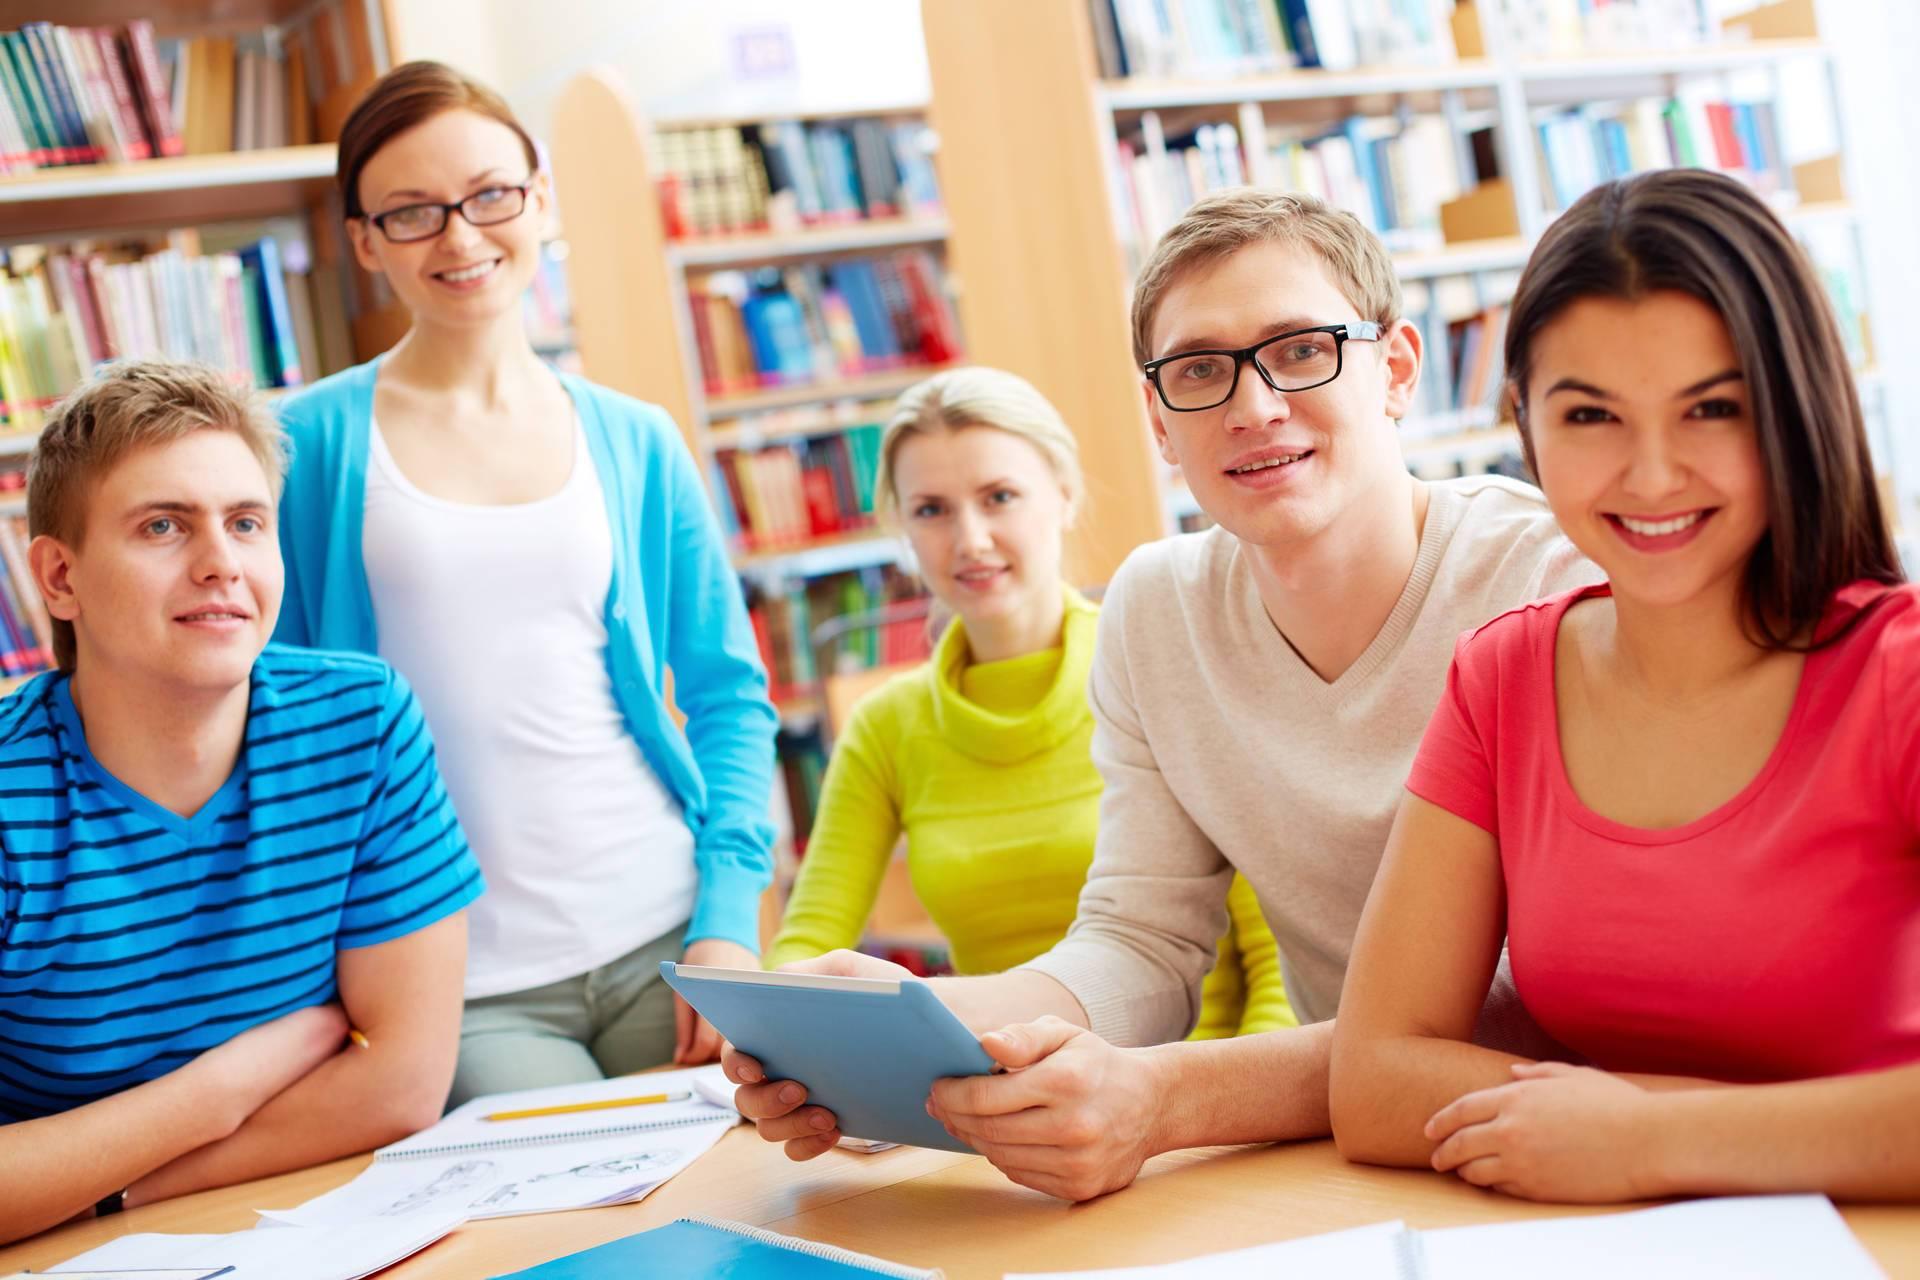 Regulamin bezpieczeństwa i zachowania się na wycieczce szkolnej